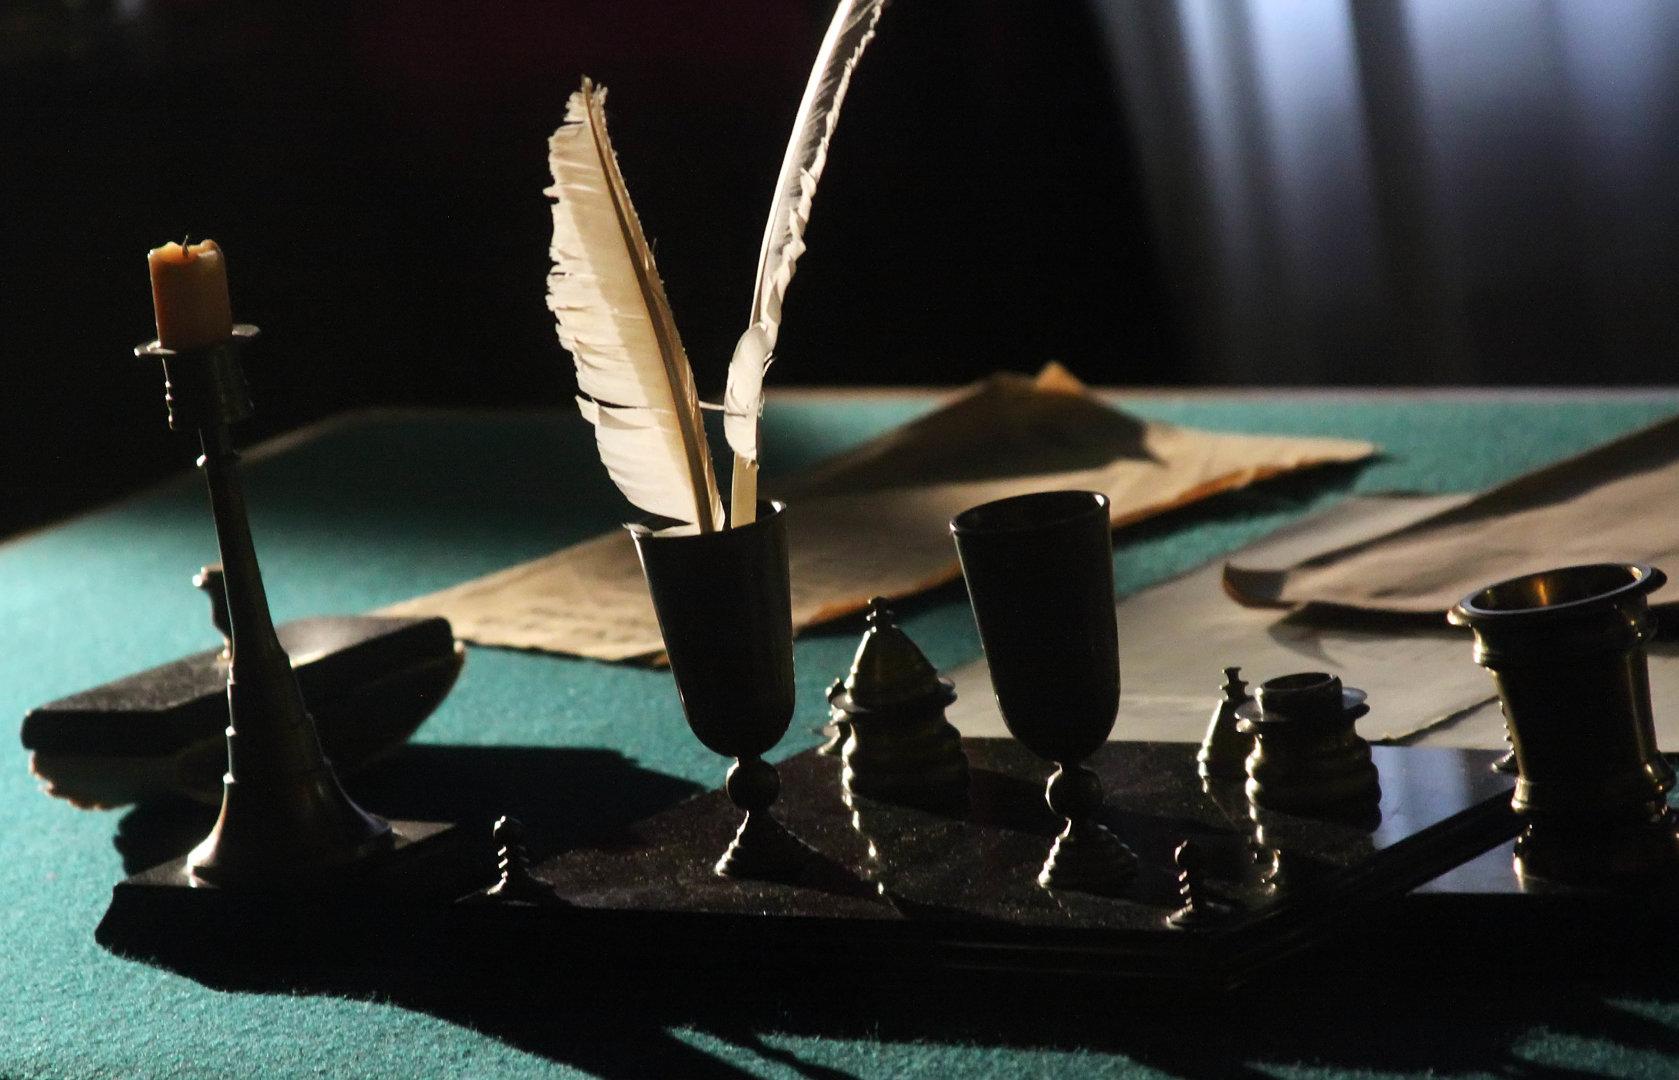 Фото стола П.А. Столыпина из Саратовского краеведческого музея  Медиапроект s-t-o-l.com